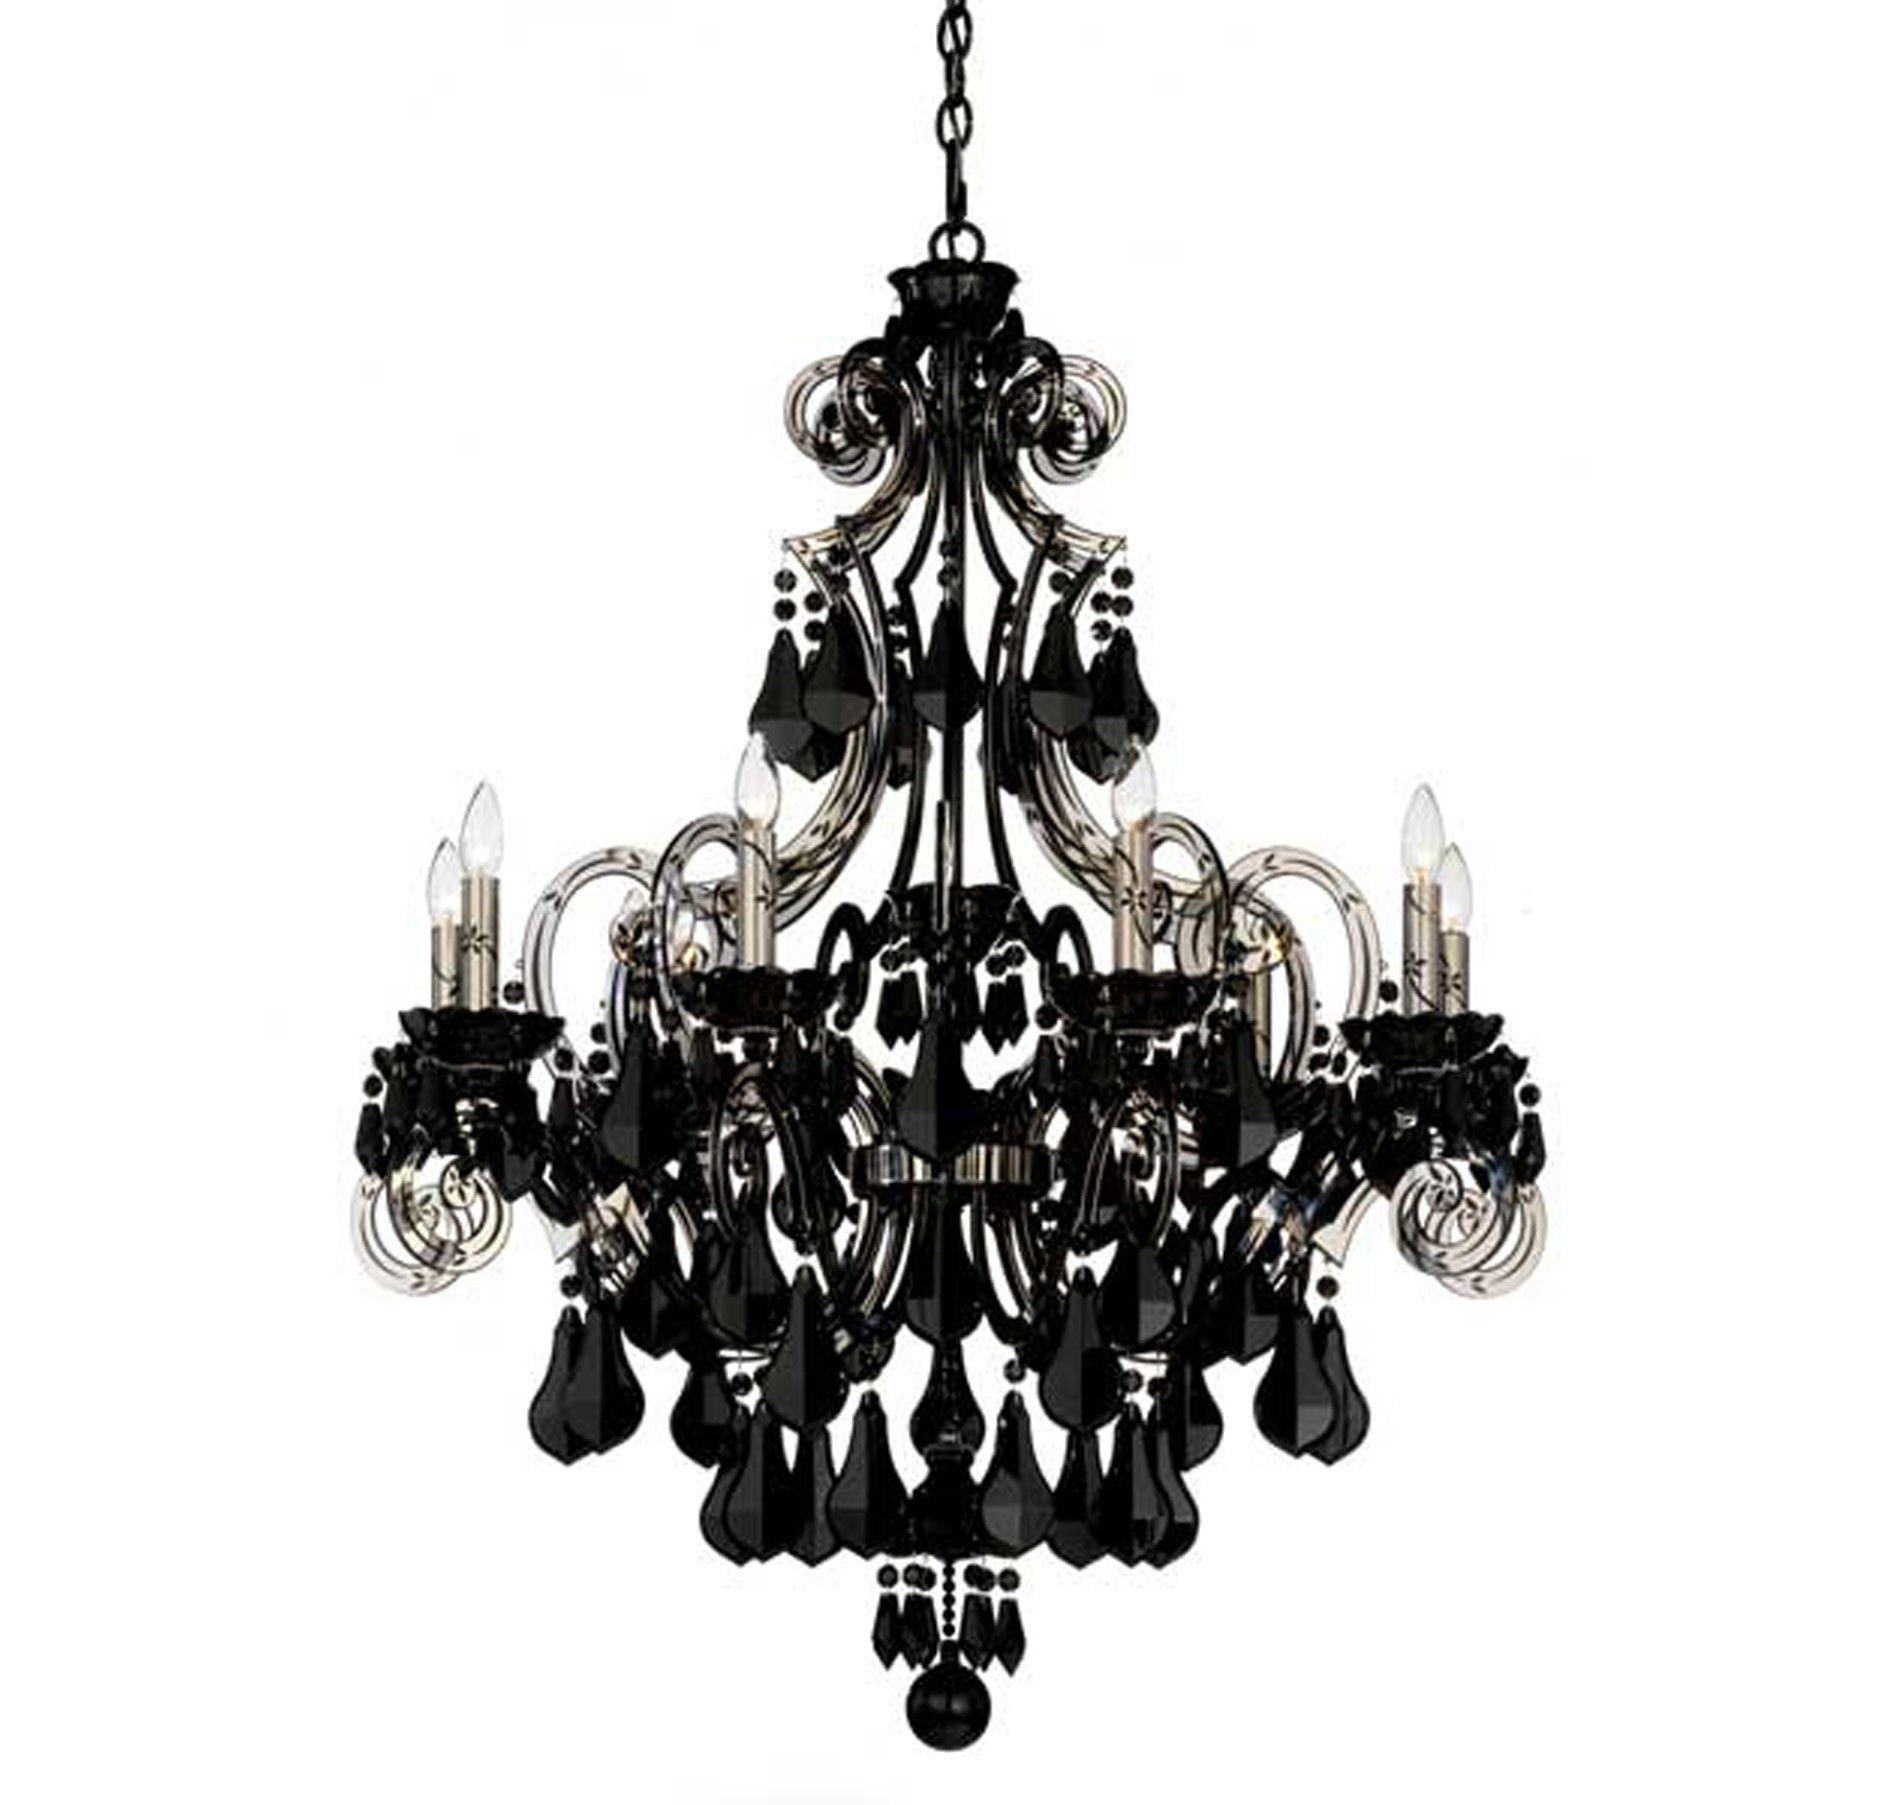 Black Crystal Chandelier Schonbek Cappela 9 Light Black Chandelier In Chandeliers Black Chandelier Black Crystal Chandelier Chandelier Design